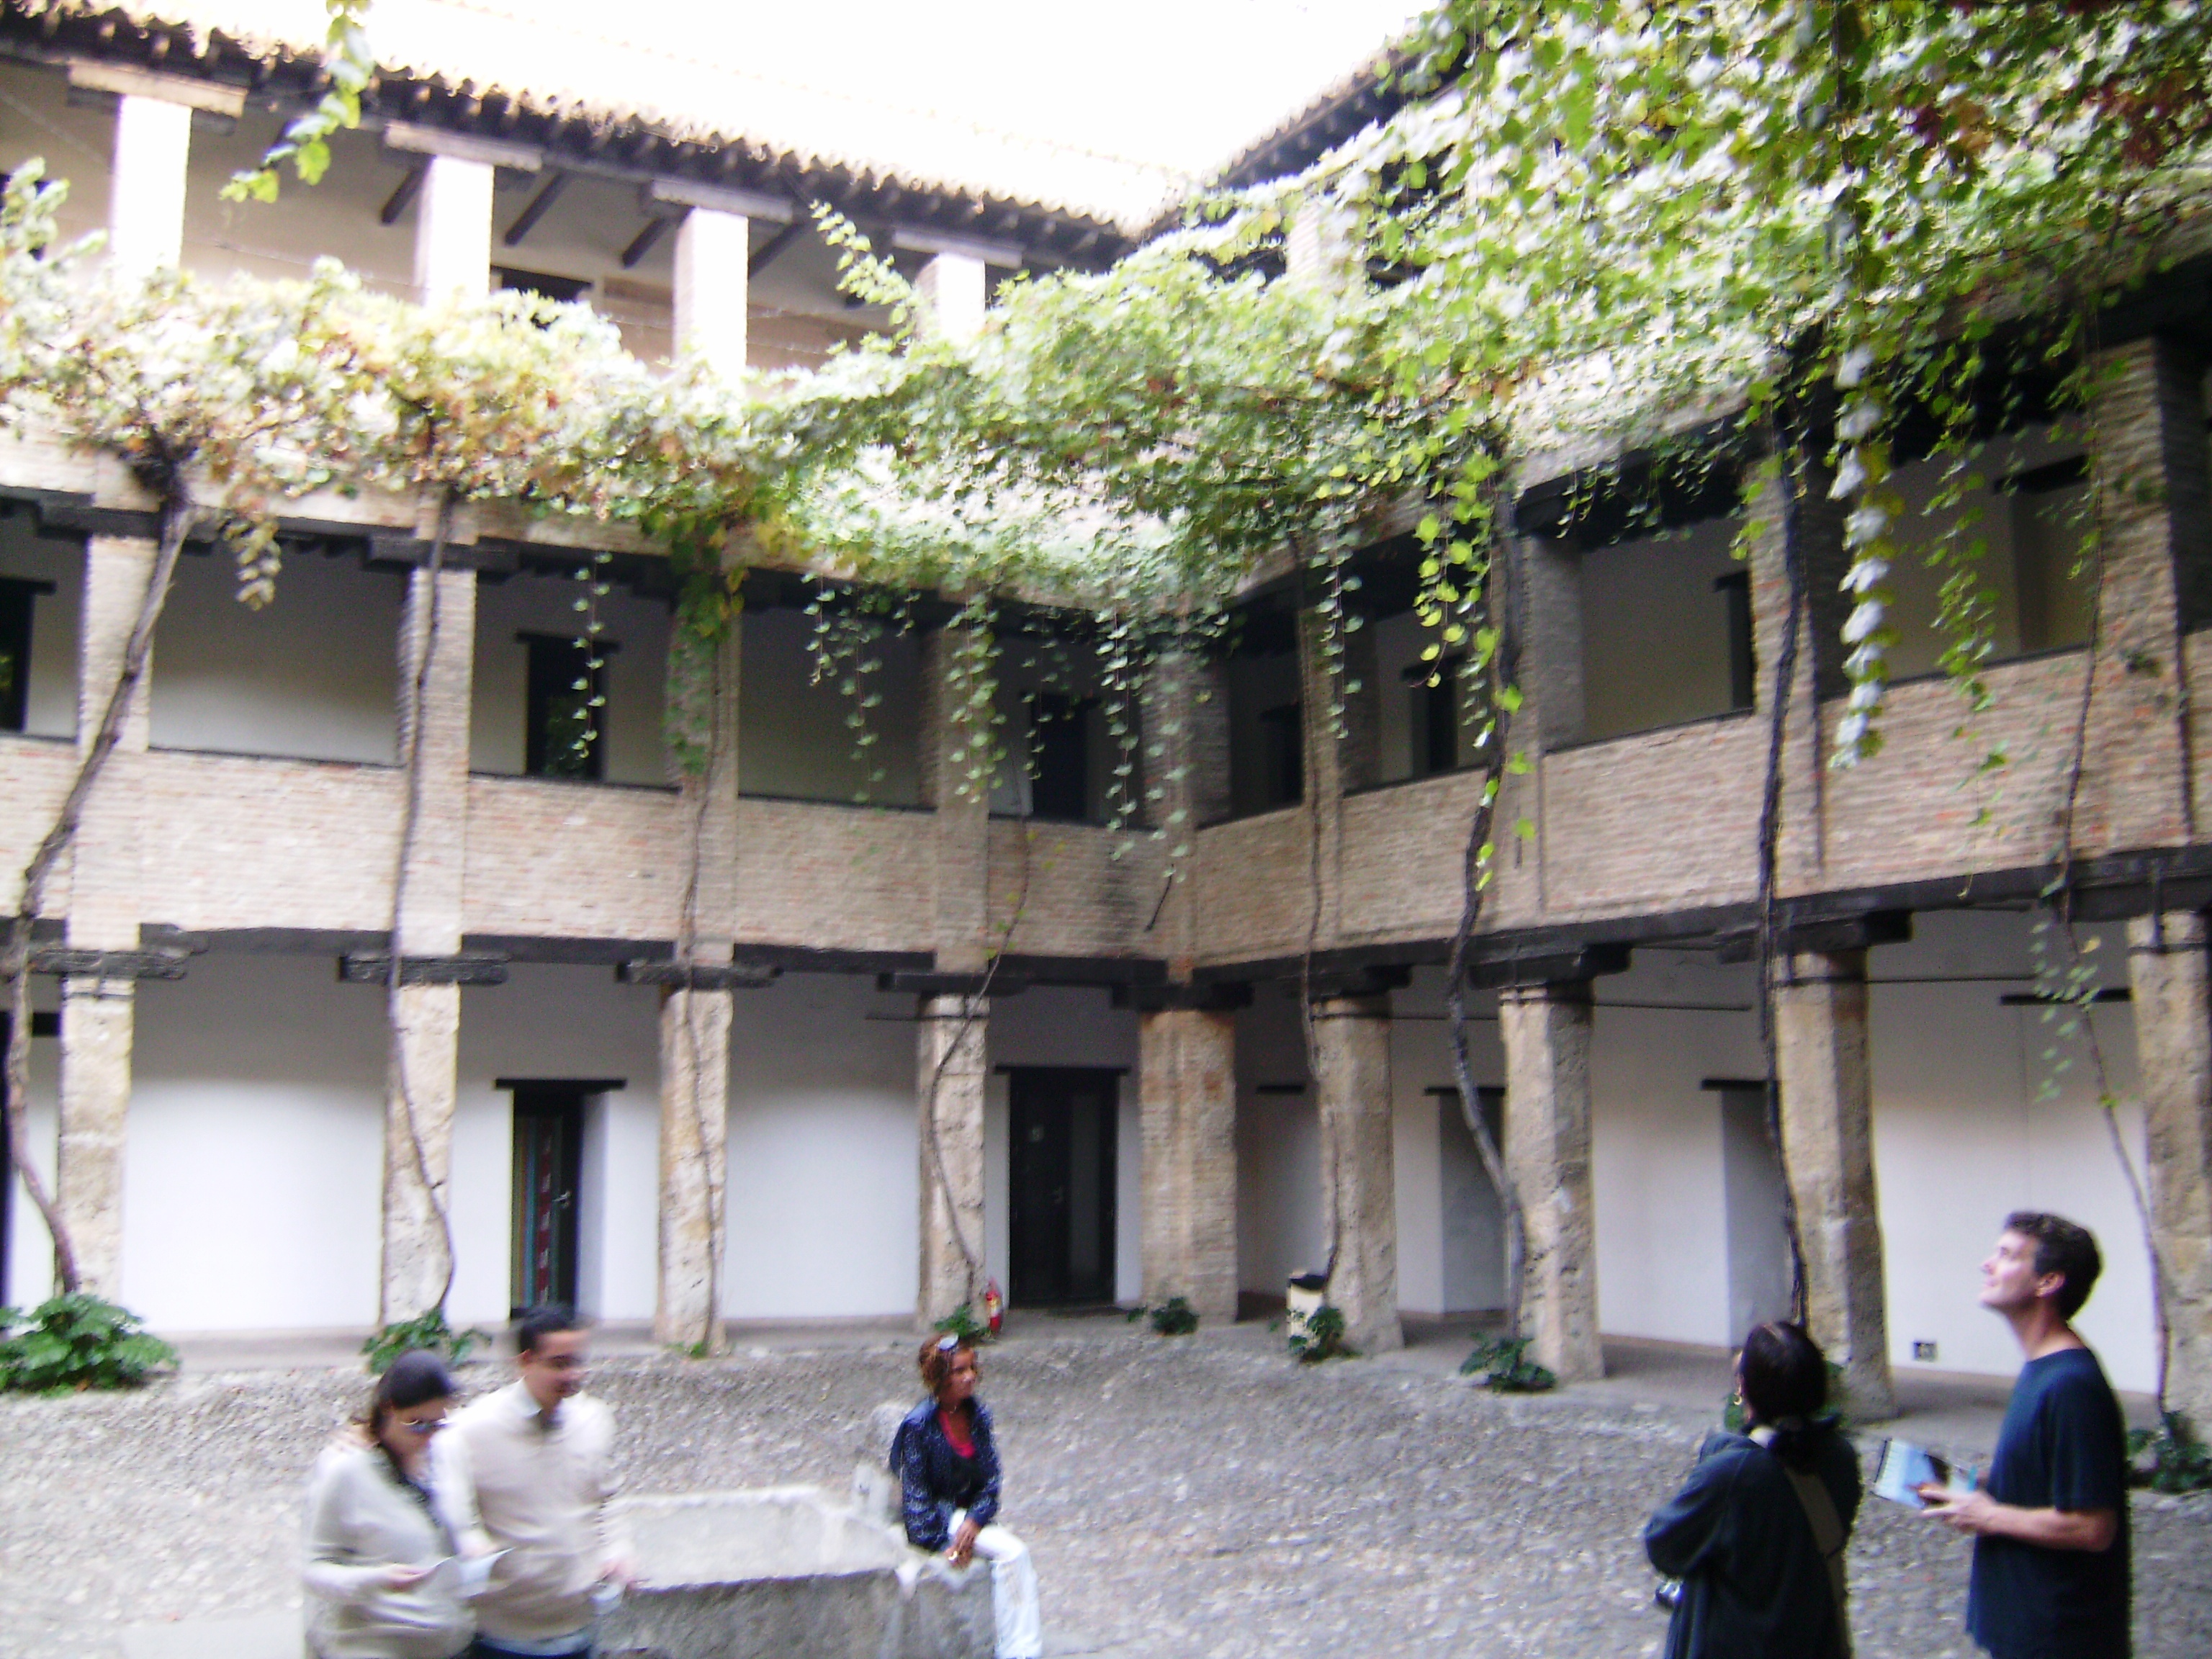 A régi karavánszeráj (El Corral del Carbón) egy 14. századi mór épület, mely akkoriban fogadó és szálloda volt a Granadába érkező kereskedőknek. Ma az épület a granadai turista információnak ad helyet.